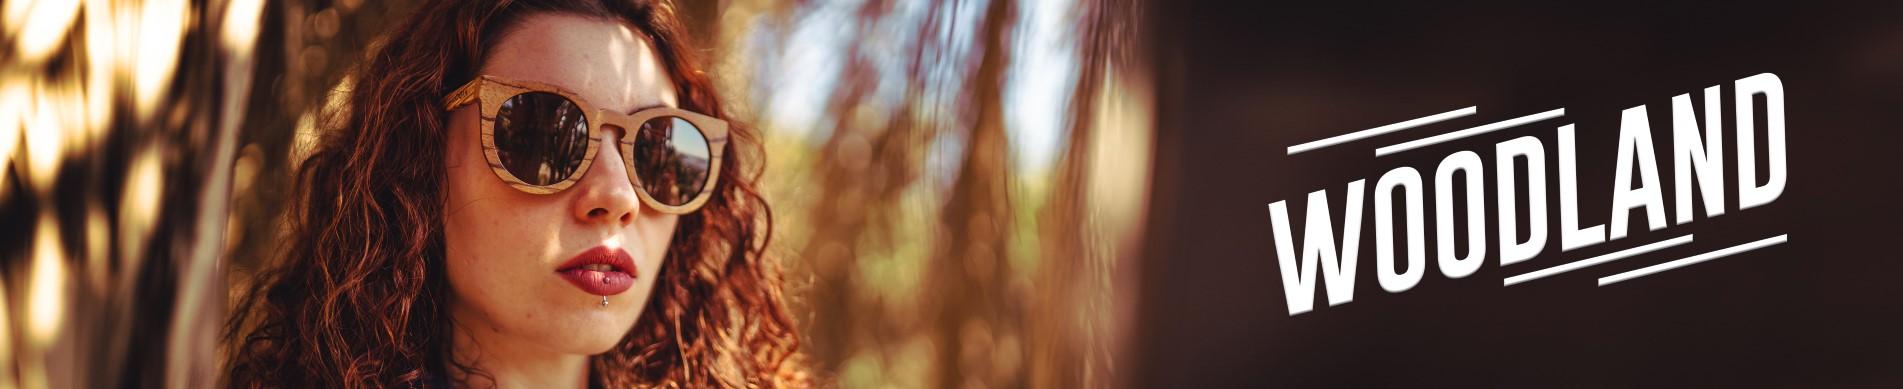 Gafas de sol Woodland